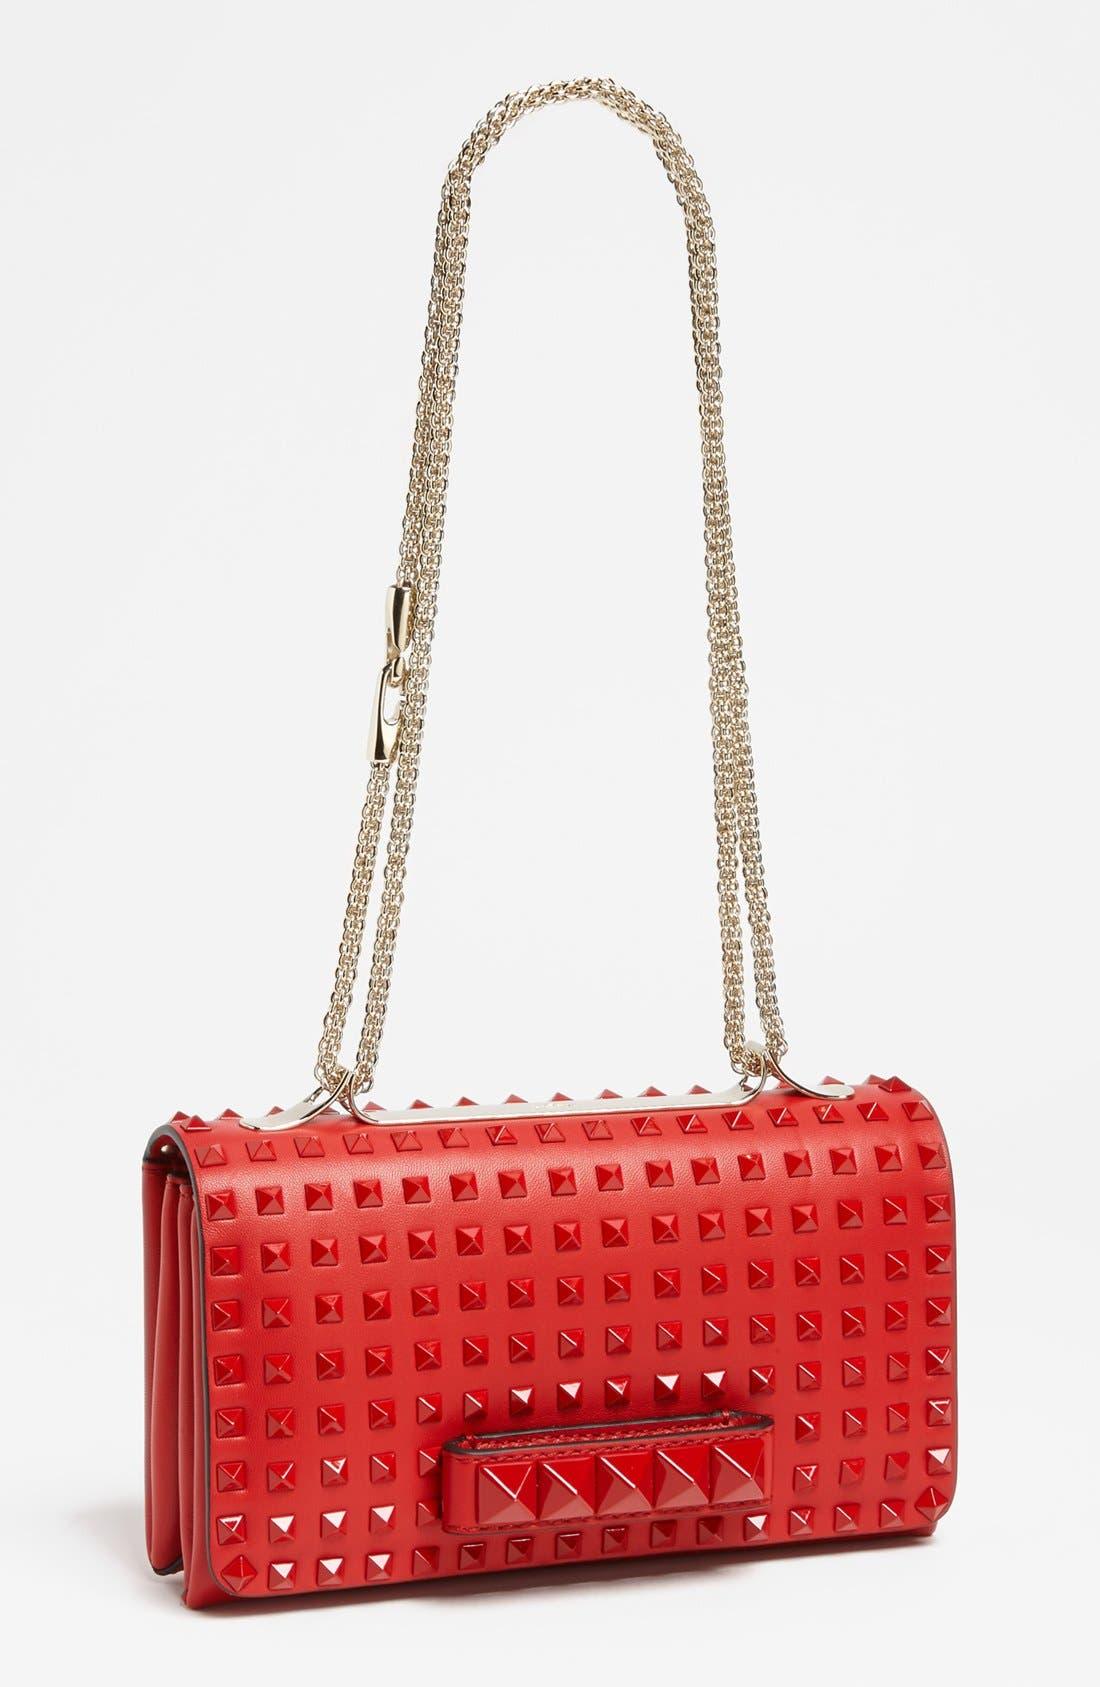 Main Image - Valentino 'Rockstud - Rouge Va Va Voom' Leather Shoulder Bag